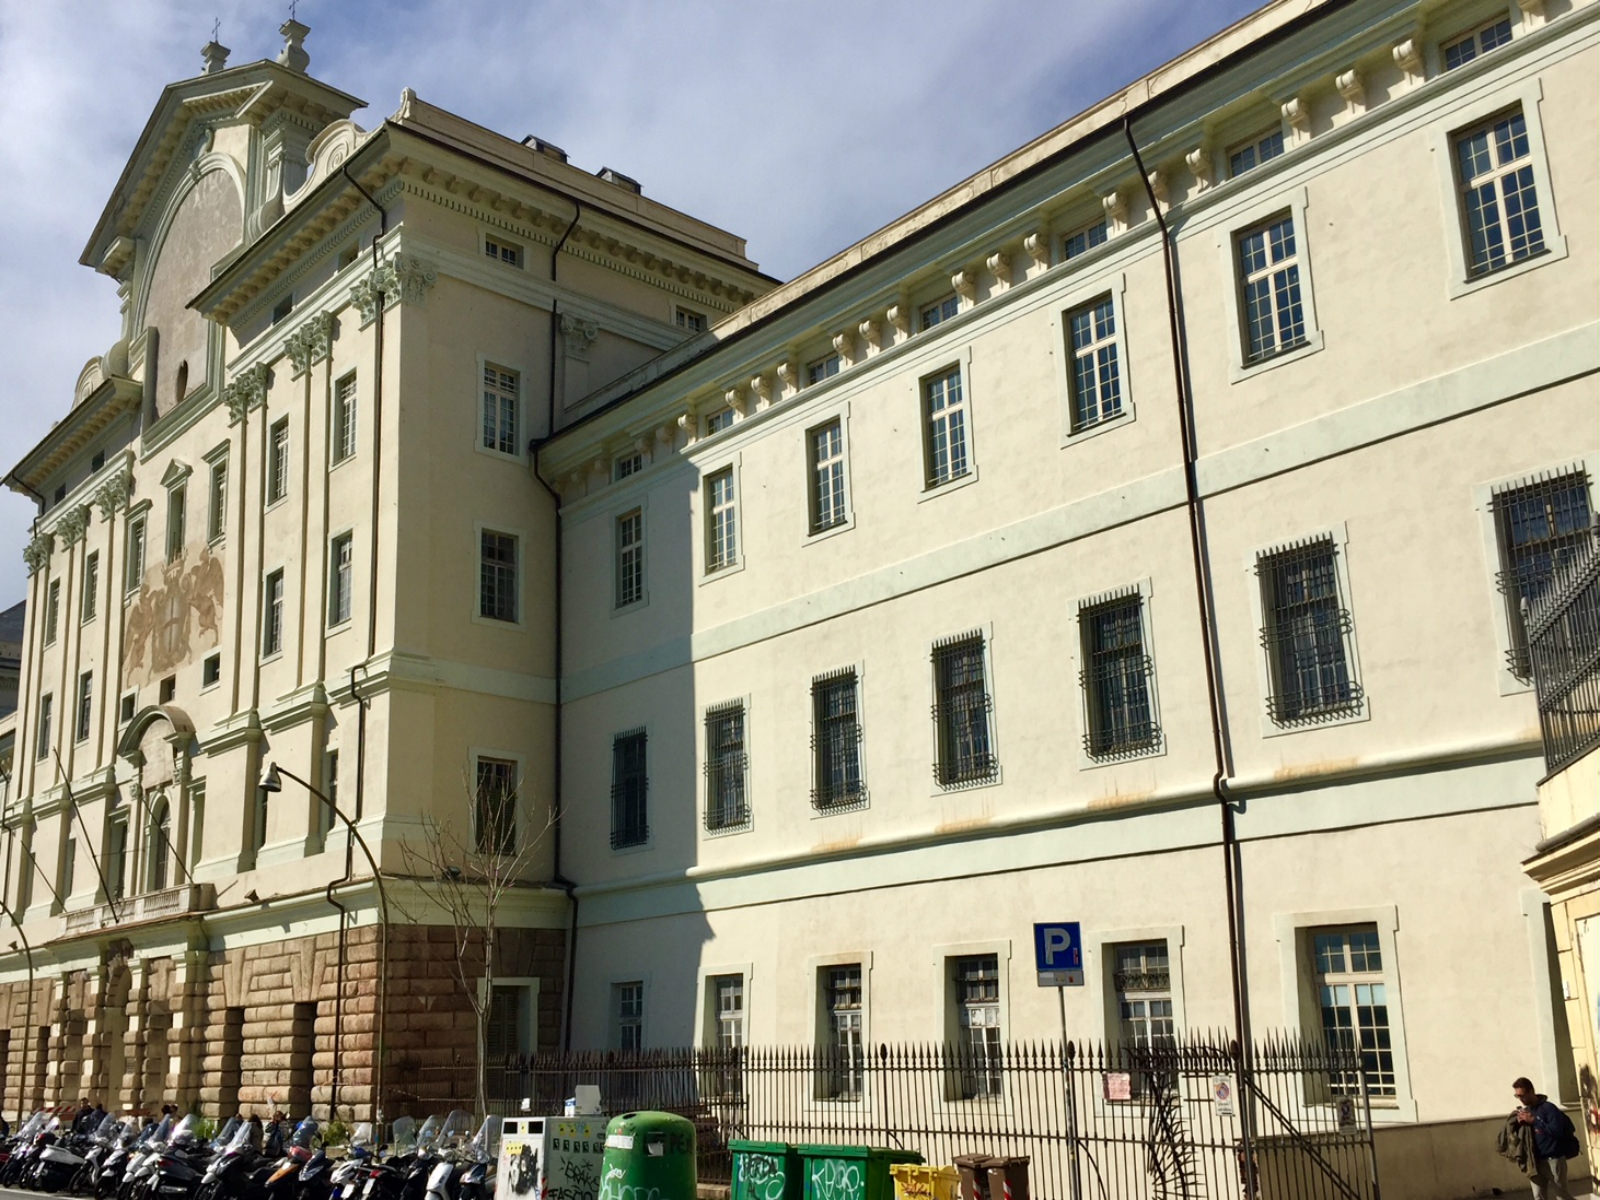 La facciata dell'Albergo dei Poveri.